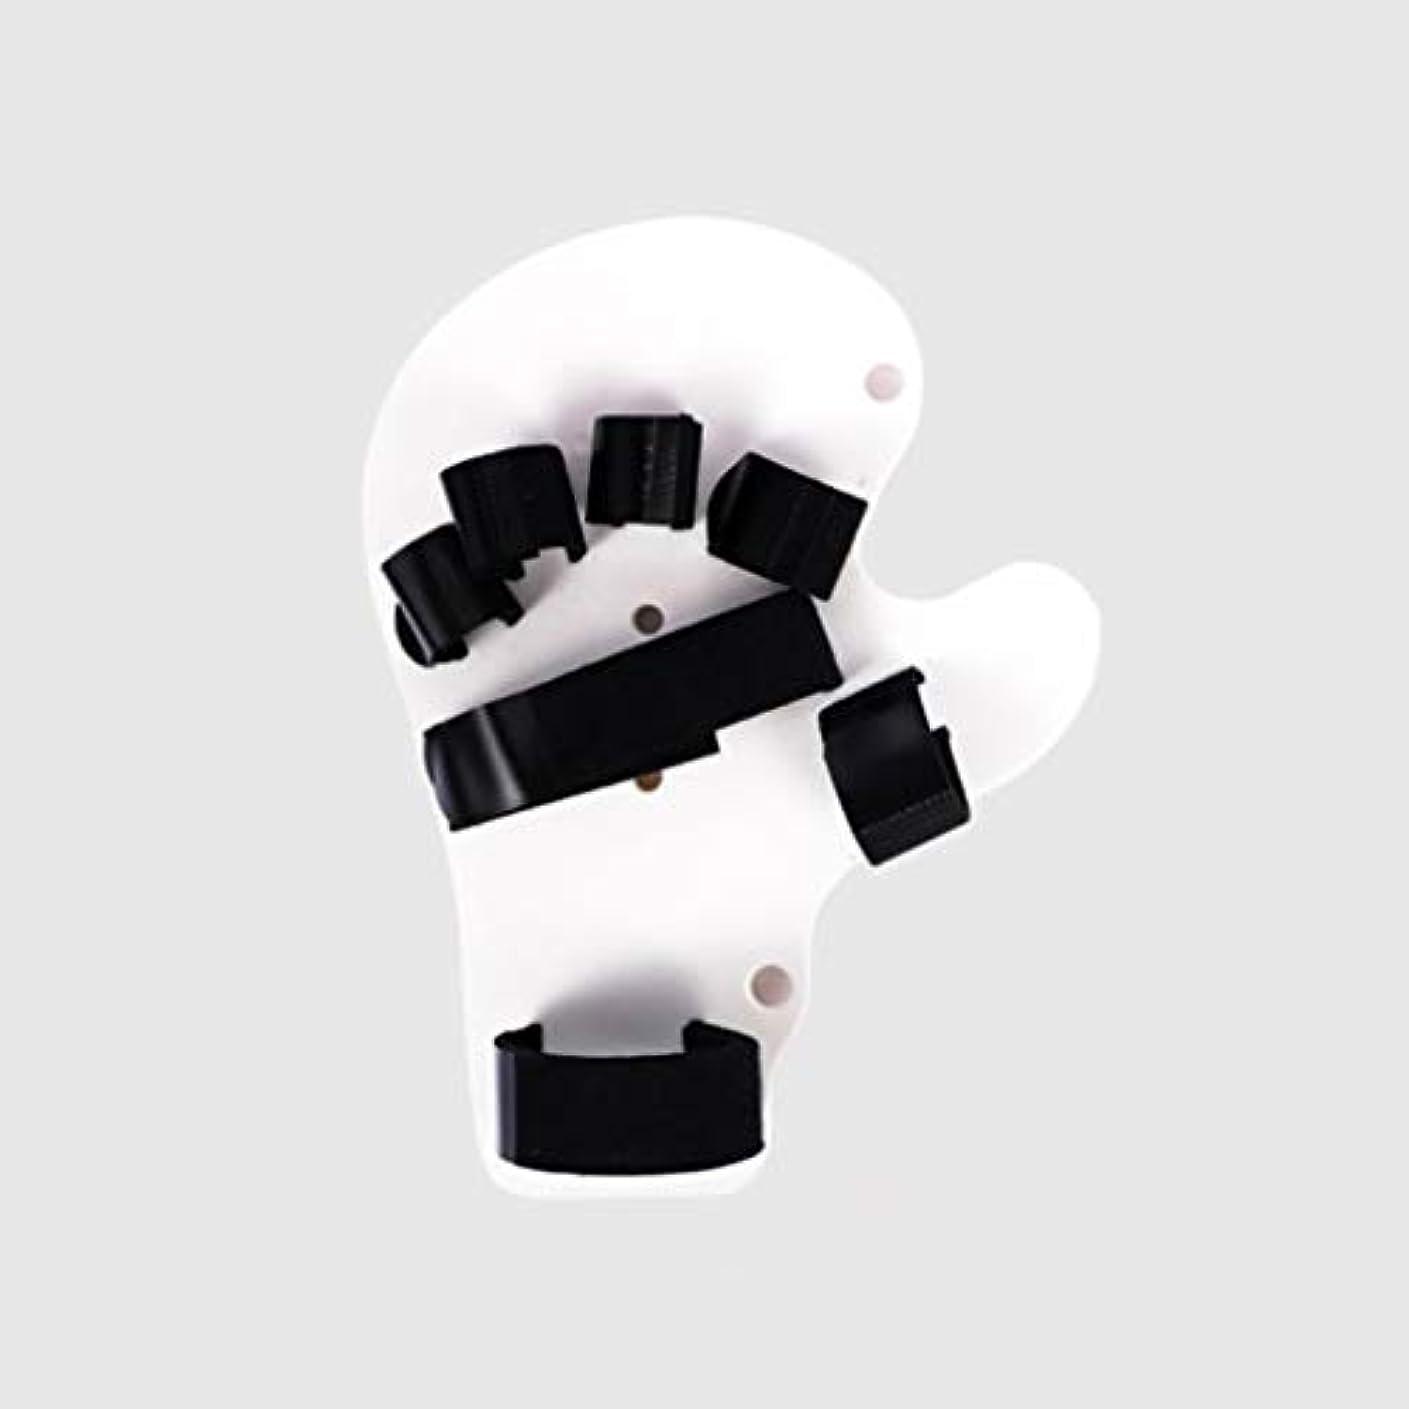 一般牧師最もプロテクターフィンガークッショントリガーフィンガーマレットフィンガーフィンガーナックル固定化指骨折創傷フィンガーエクステンションスプリント,白